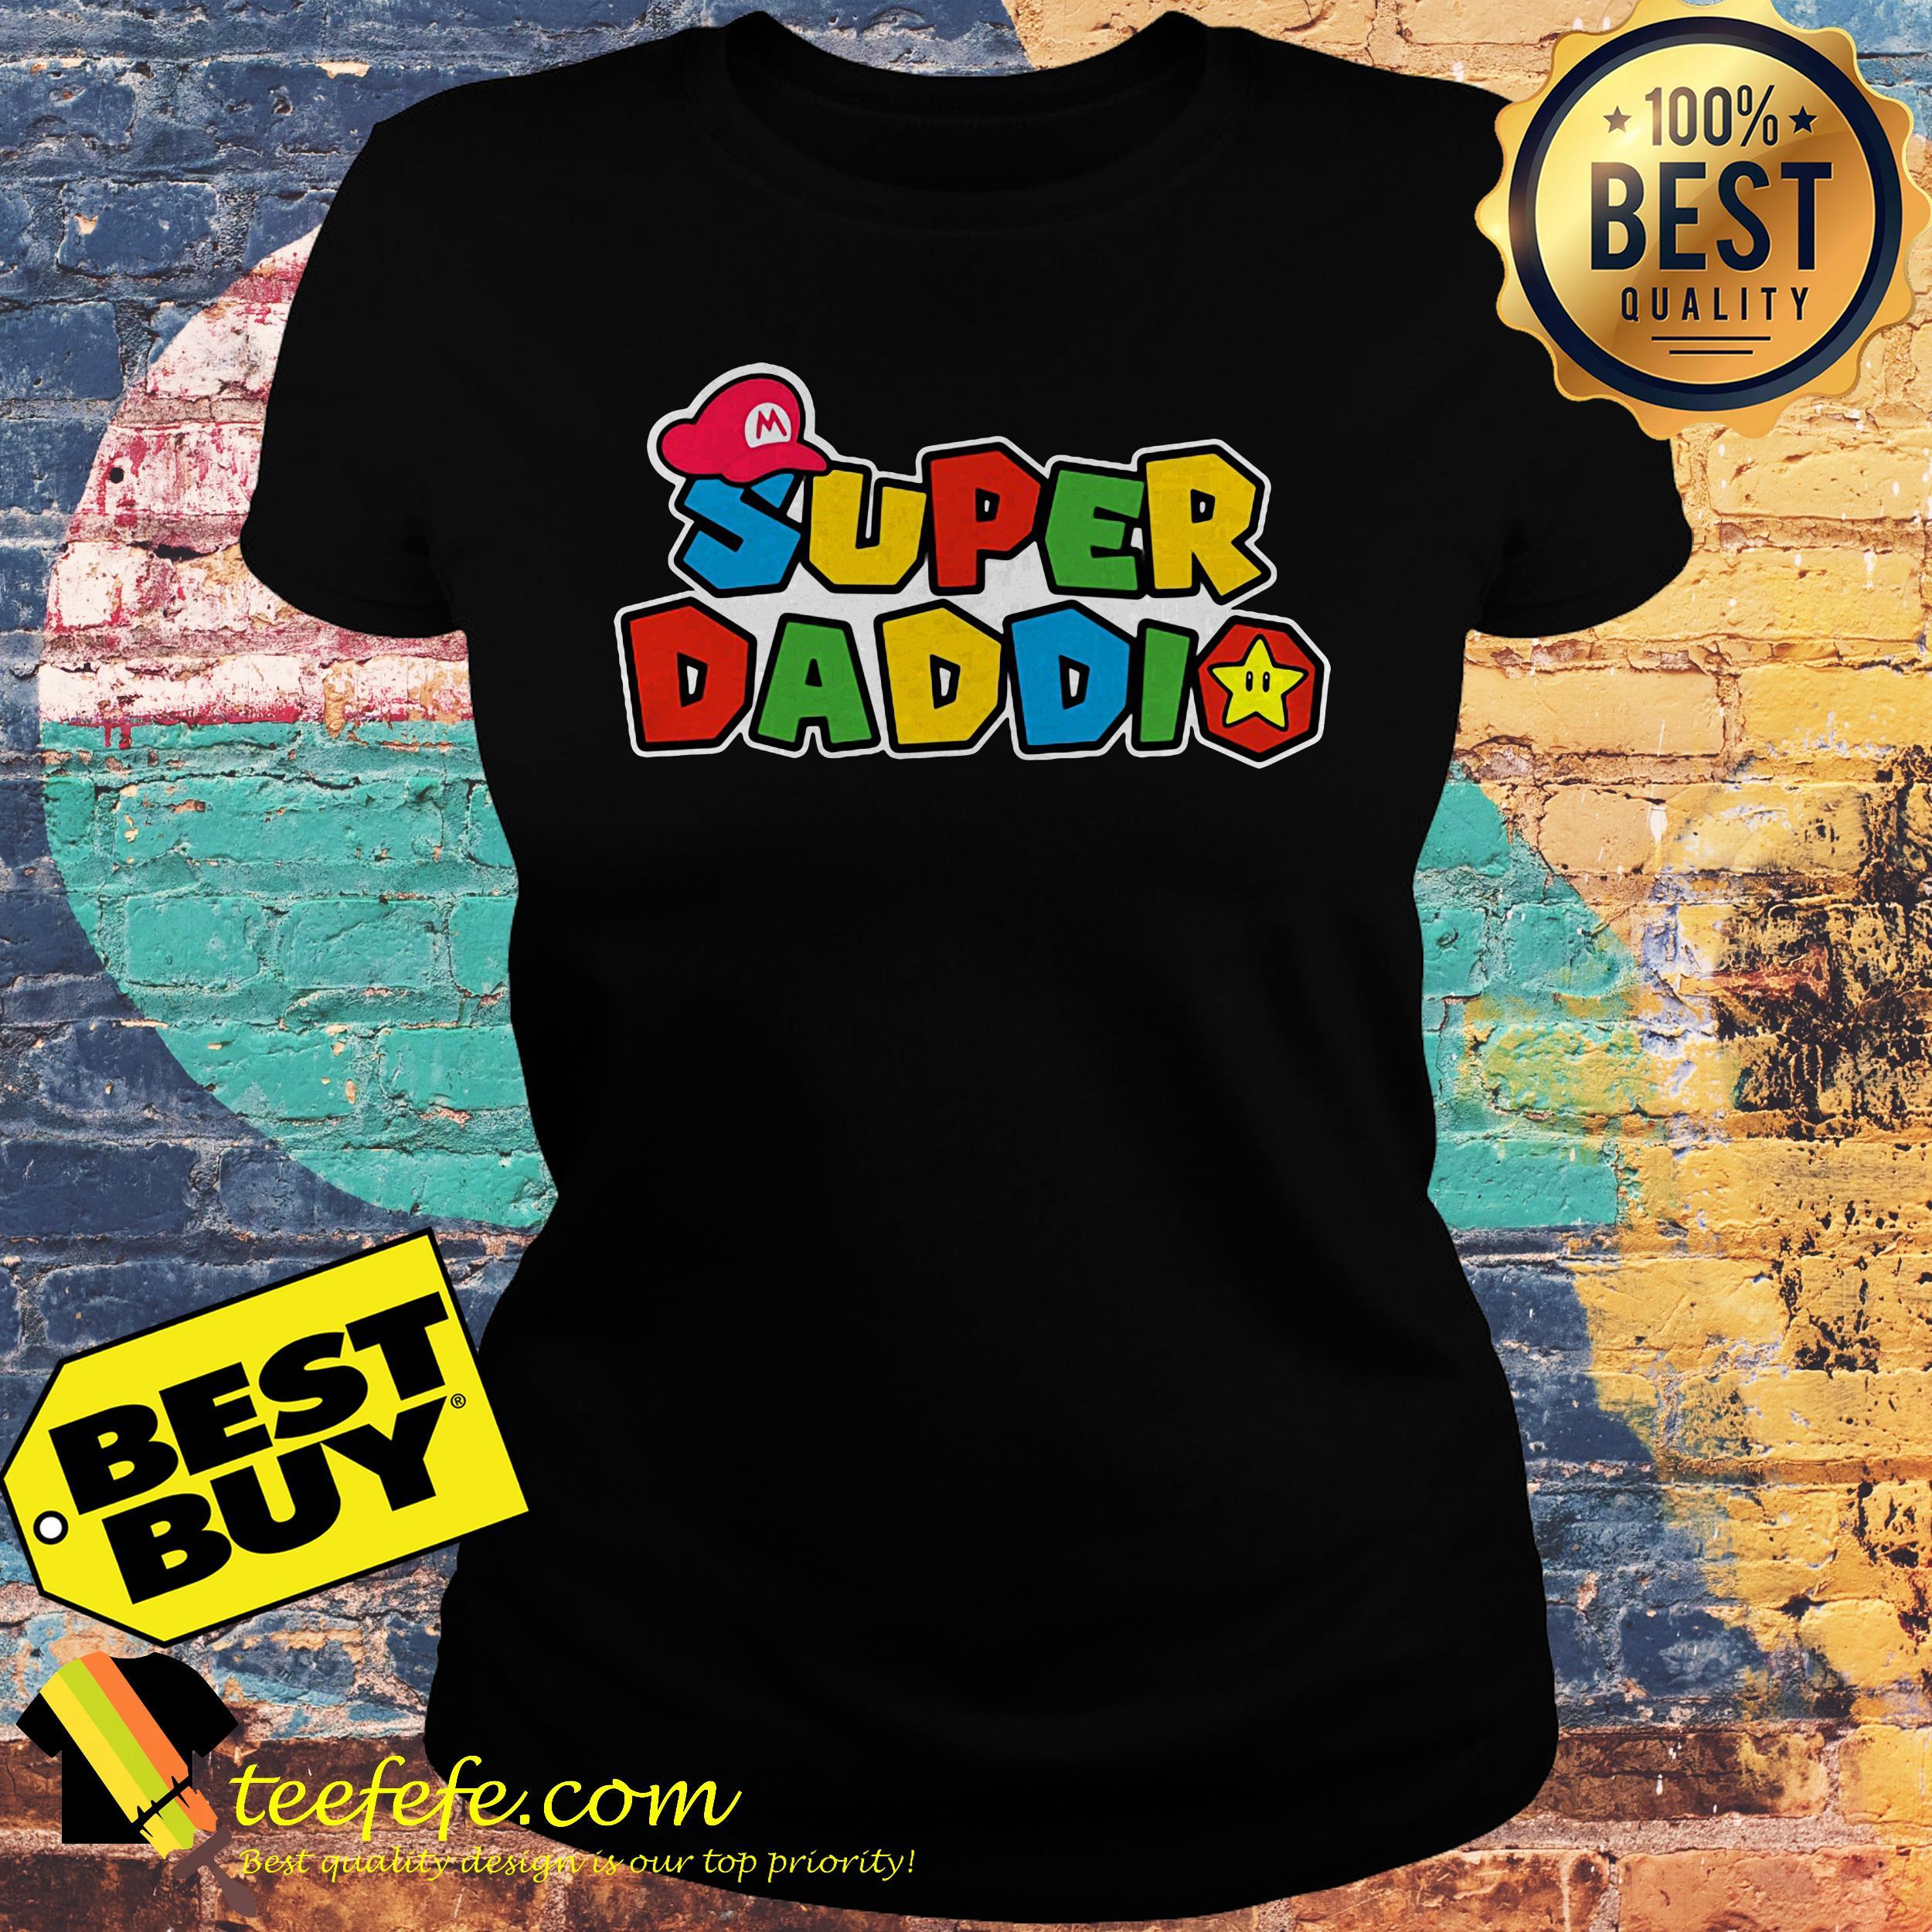 Super Daddio Super Mario ladies tee